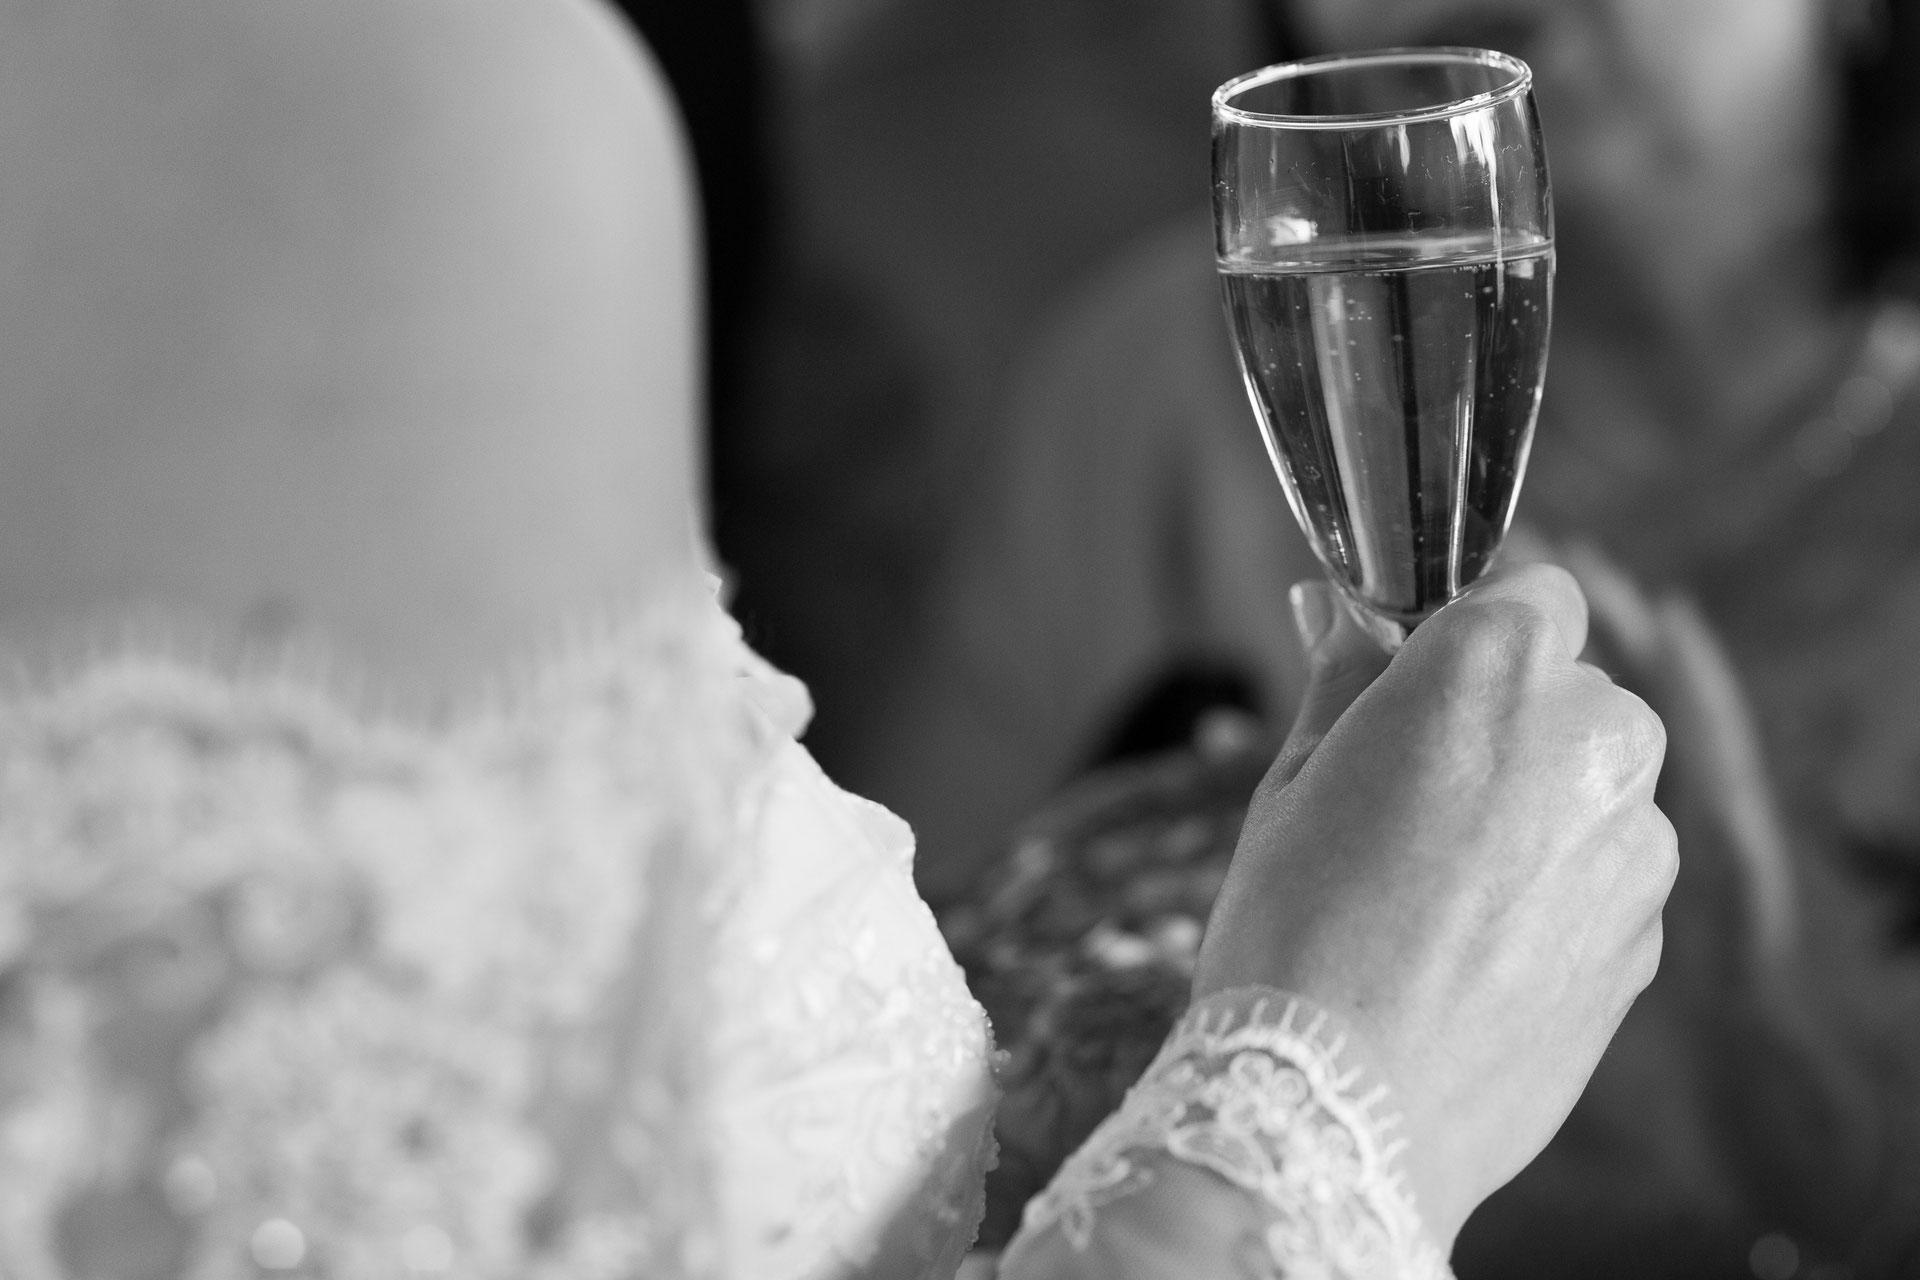 Sangerin Singt Ihre Lieder Hochzeitssangerin Henriette